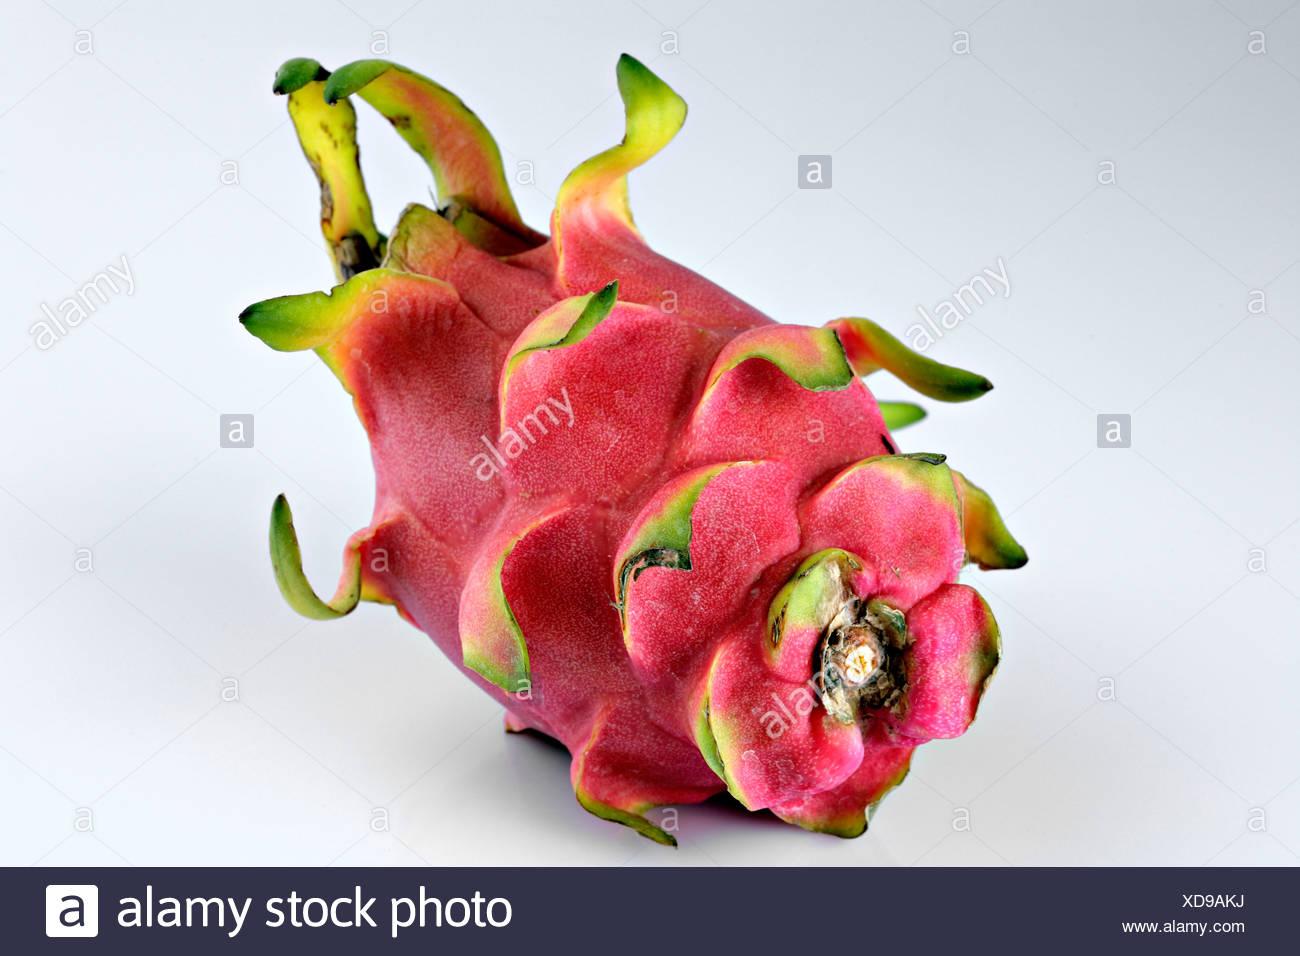 how to grow pitaya cactus